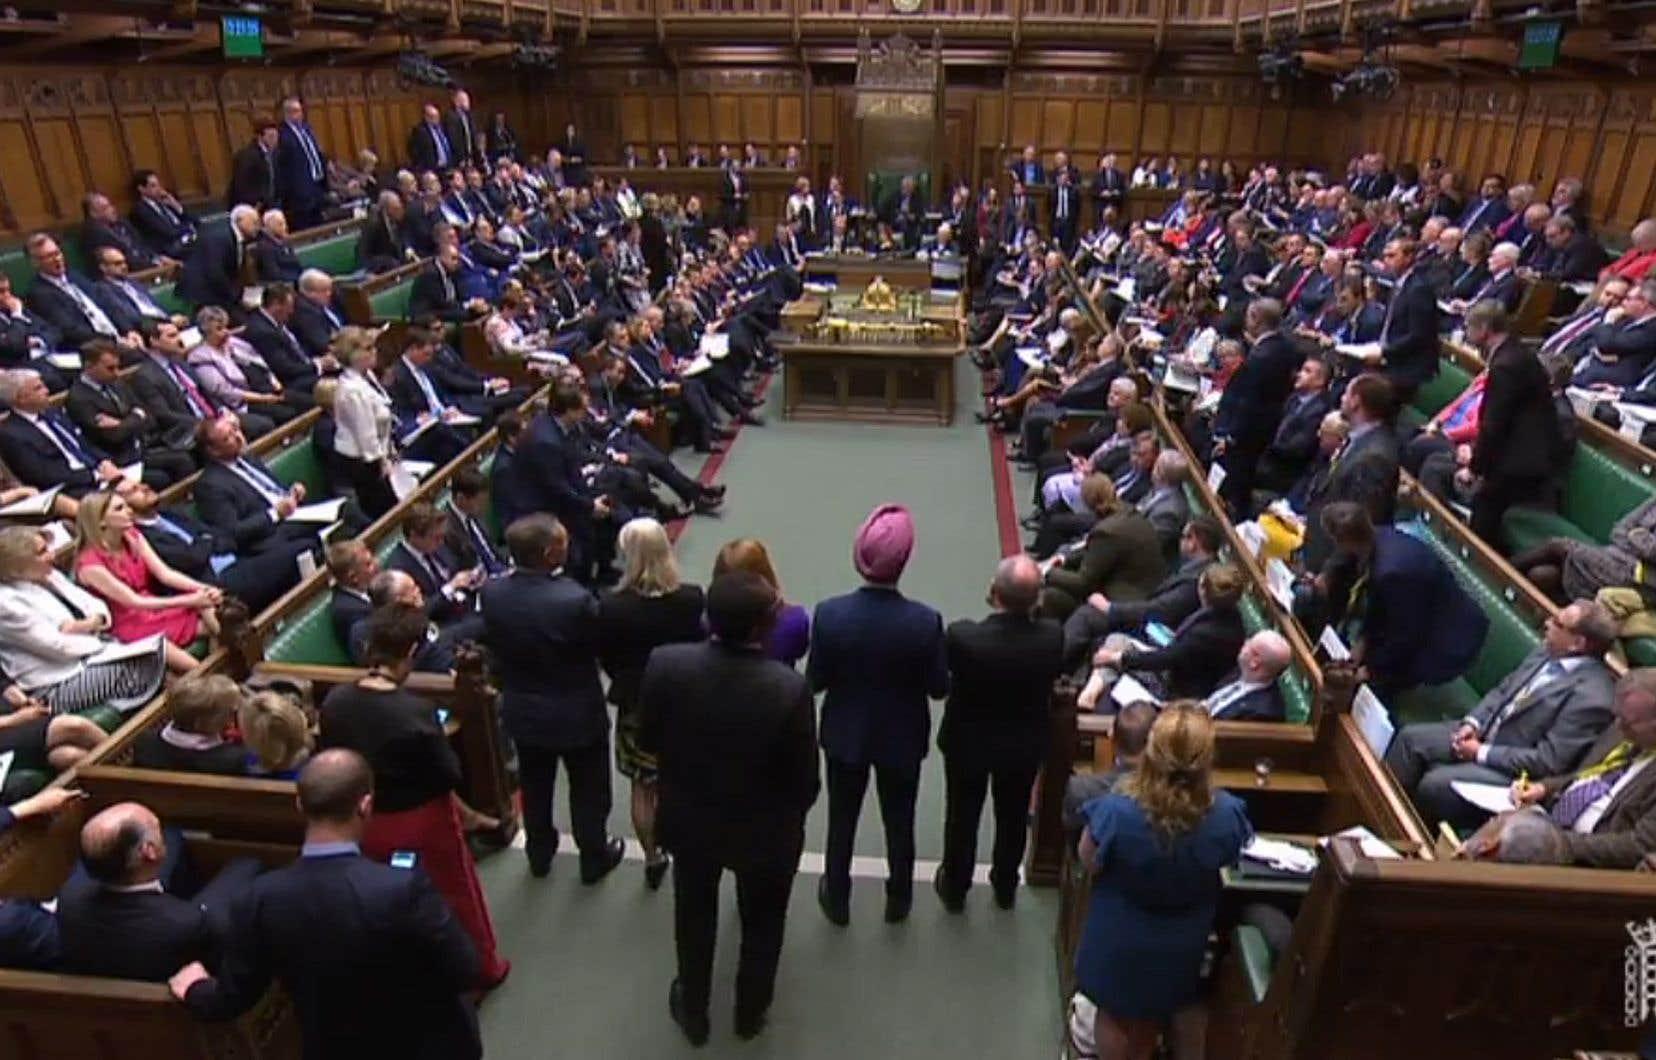 Le Parlement britannique avait rejeté à la mi-mars l'idée d'un second référendum, défendue par plusieurs partis mais rejetée par les pro-Brexit.